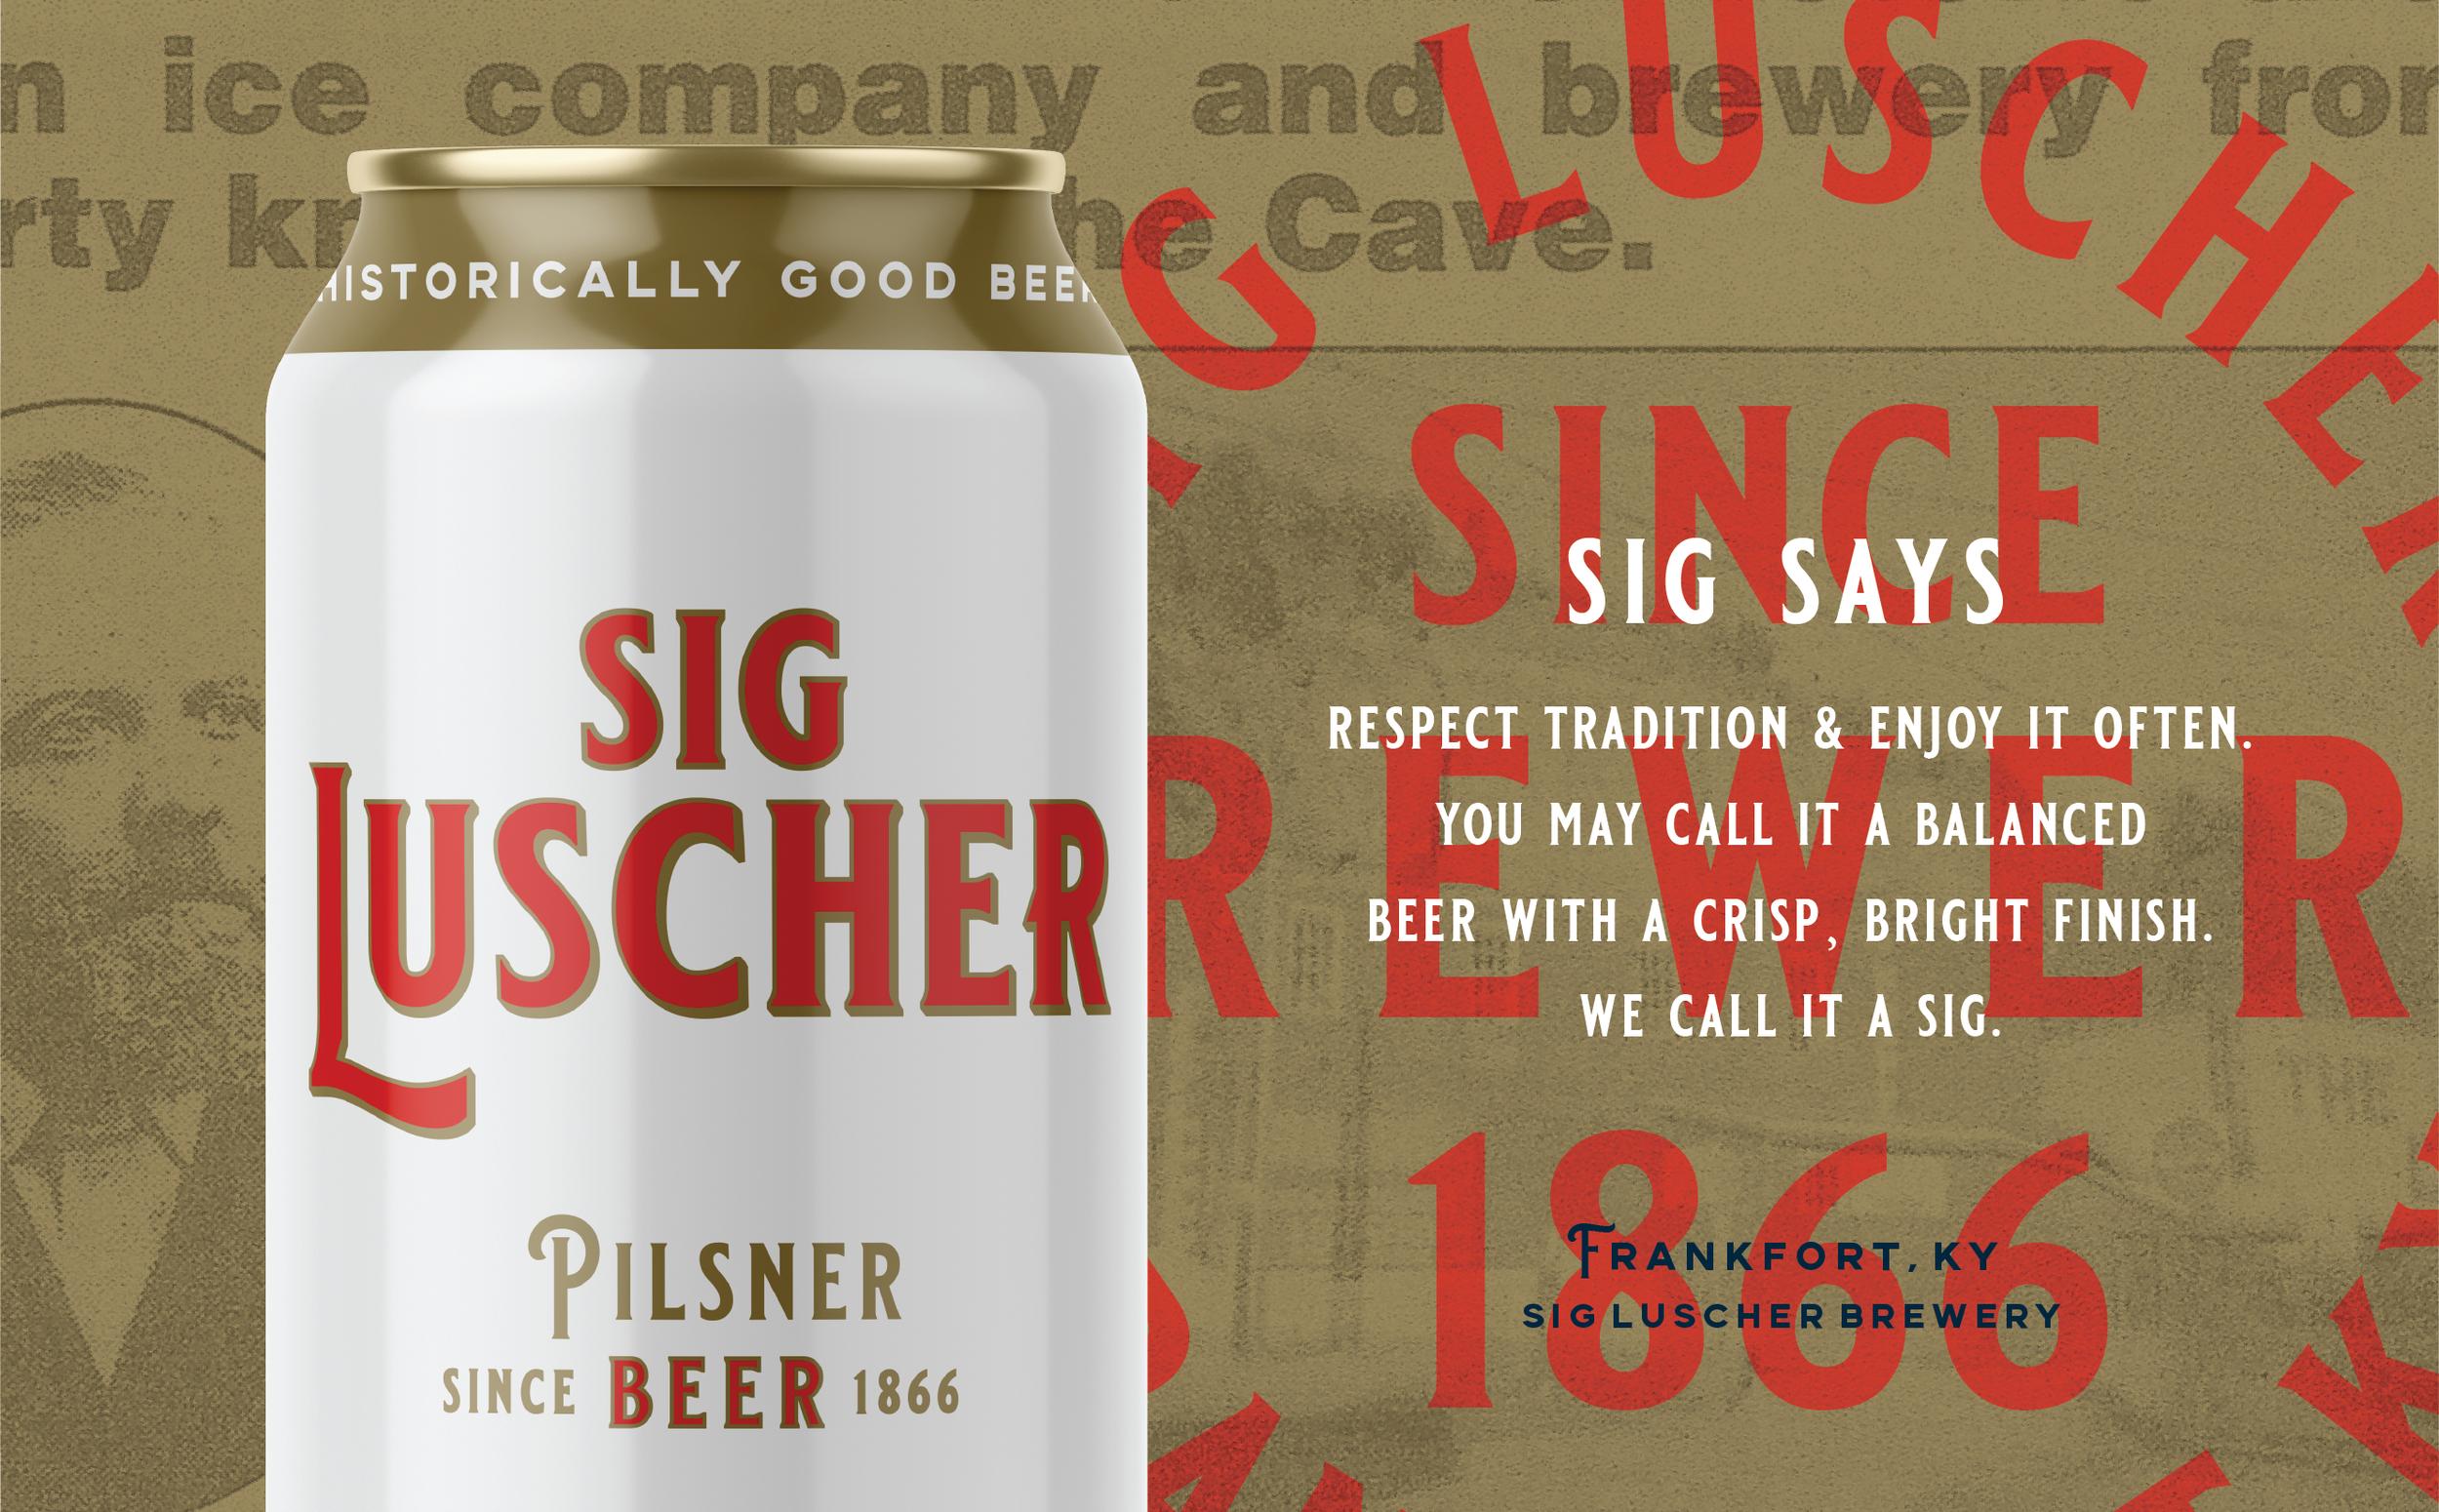 SigLuscher_PitchDeck-02.png